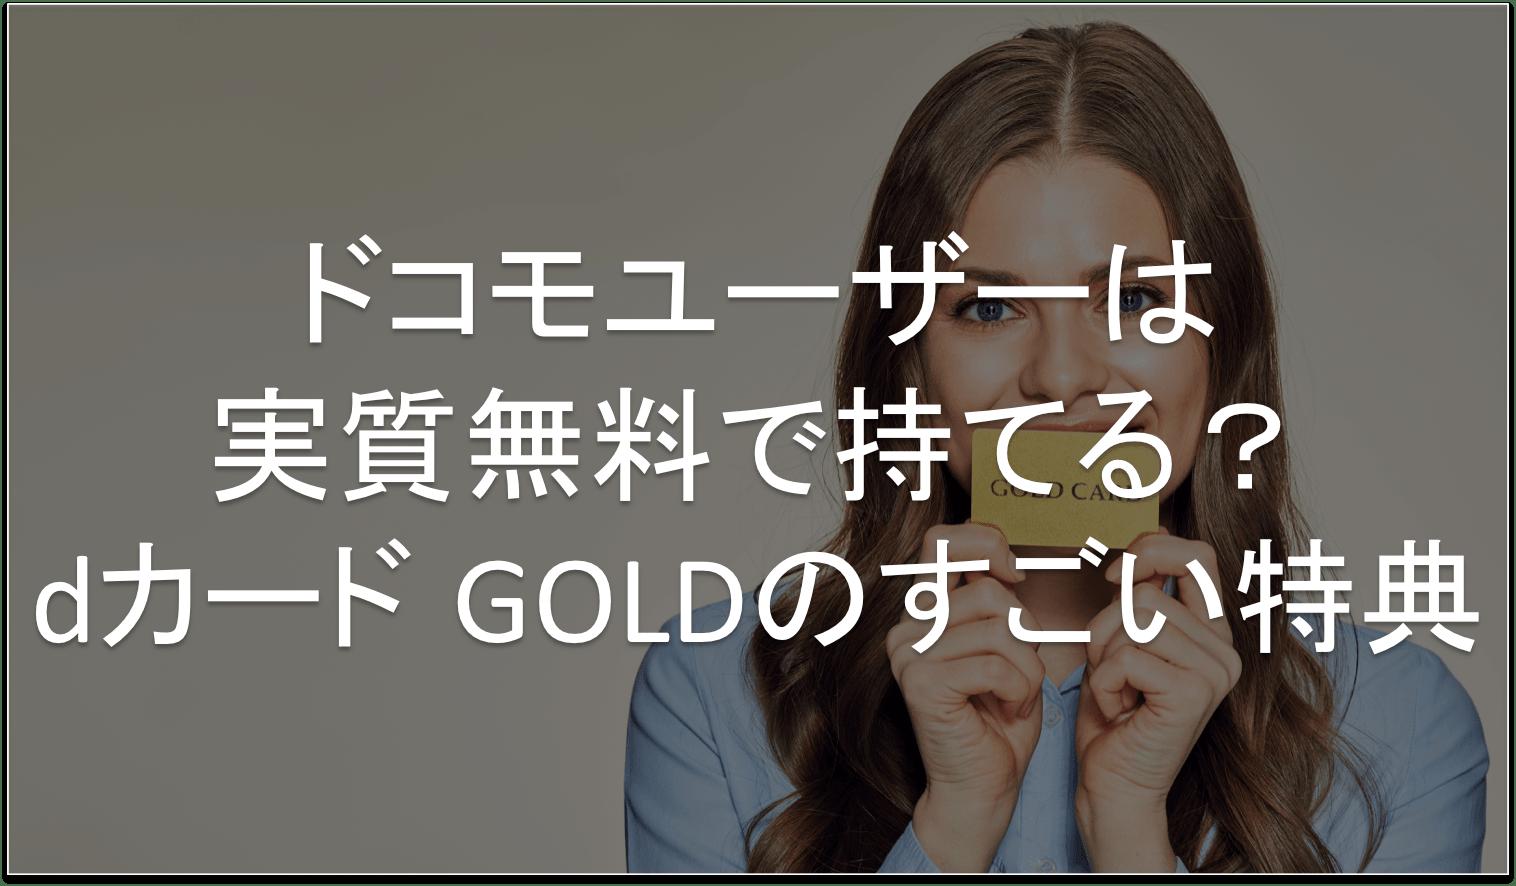 dカード GOLD 特典